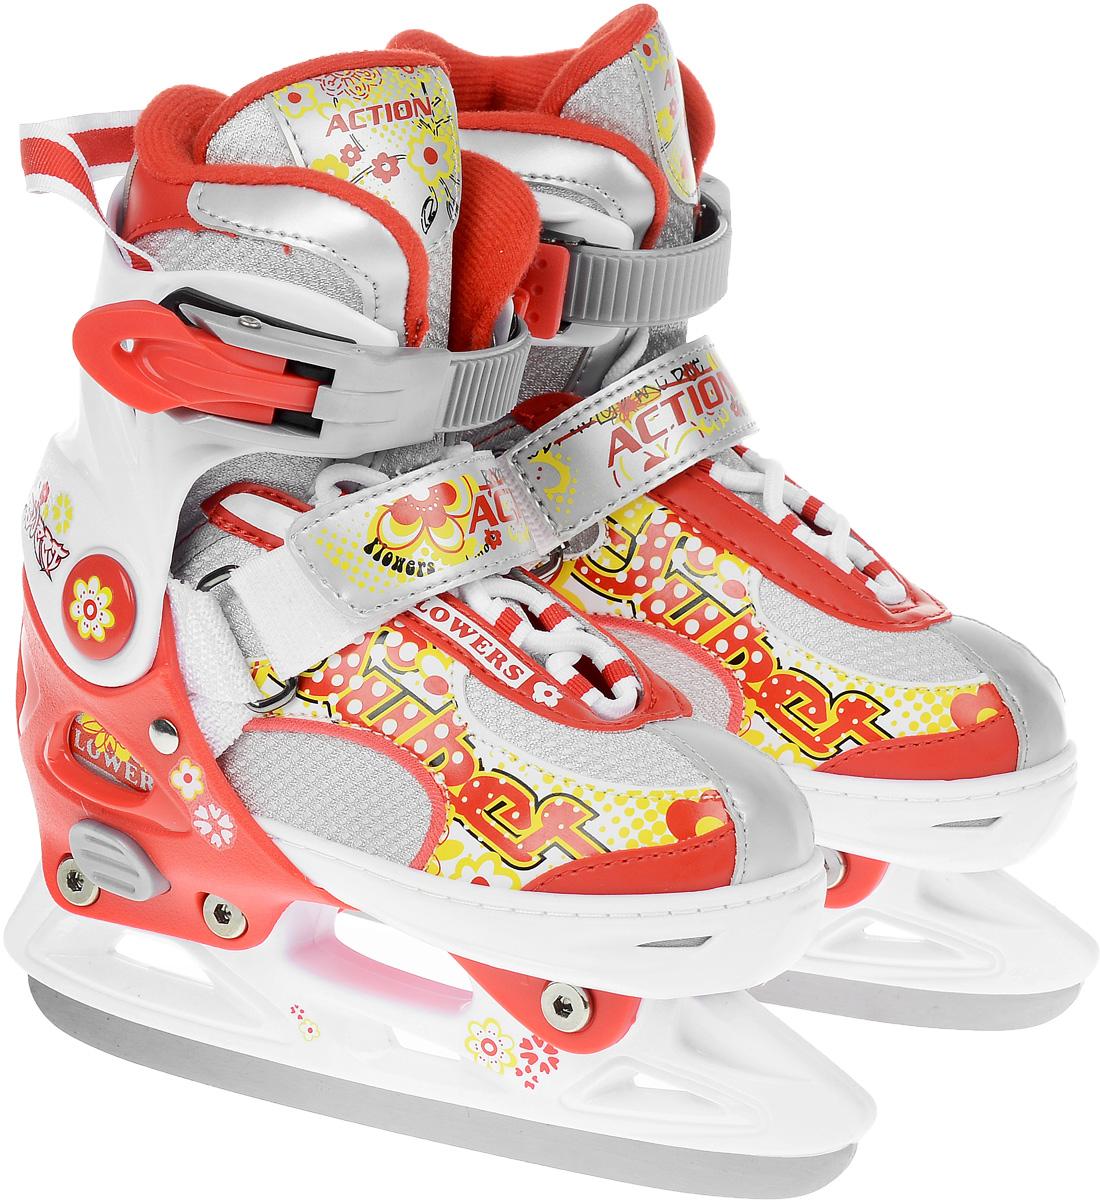 Коньки ледовые для девочки Action Sporting Goods, раздвижные, цвет: белый, красный. PW-113. Размер 29/32